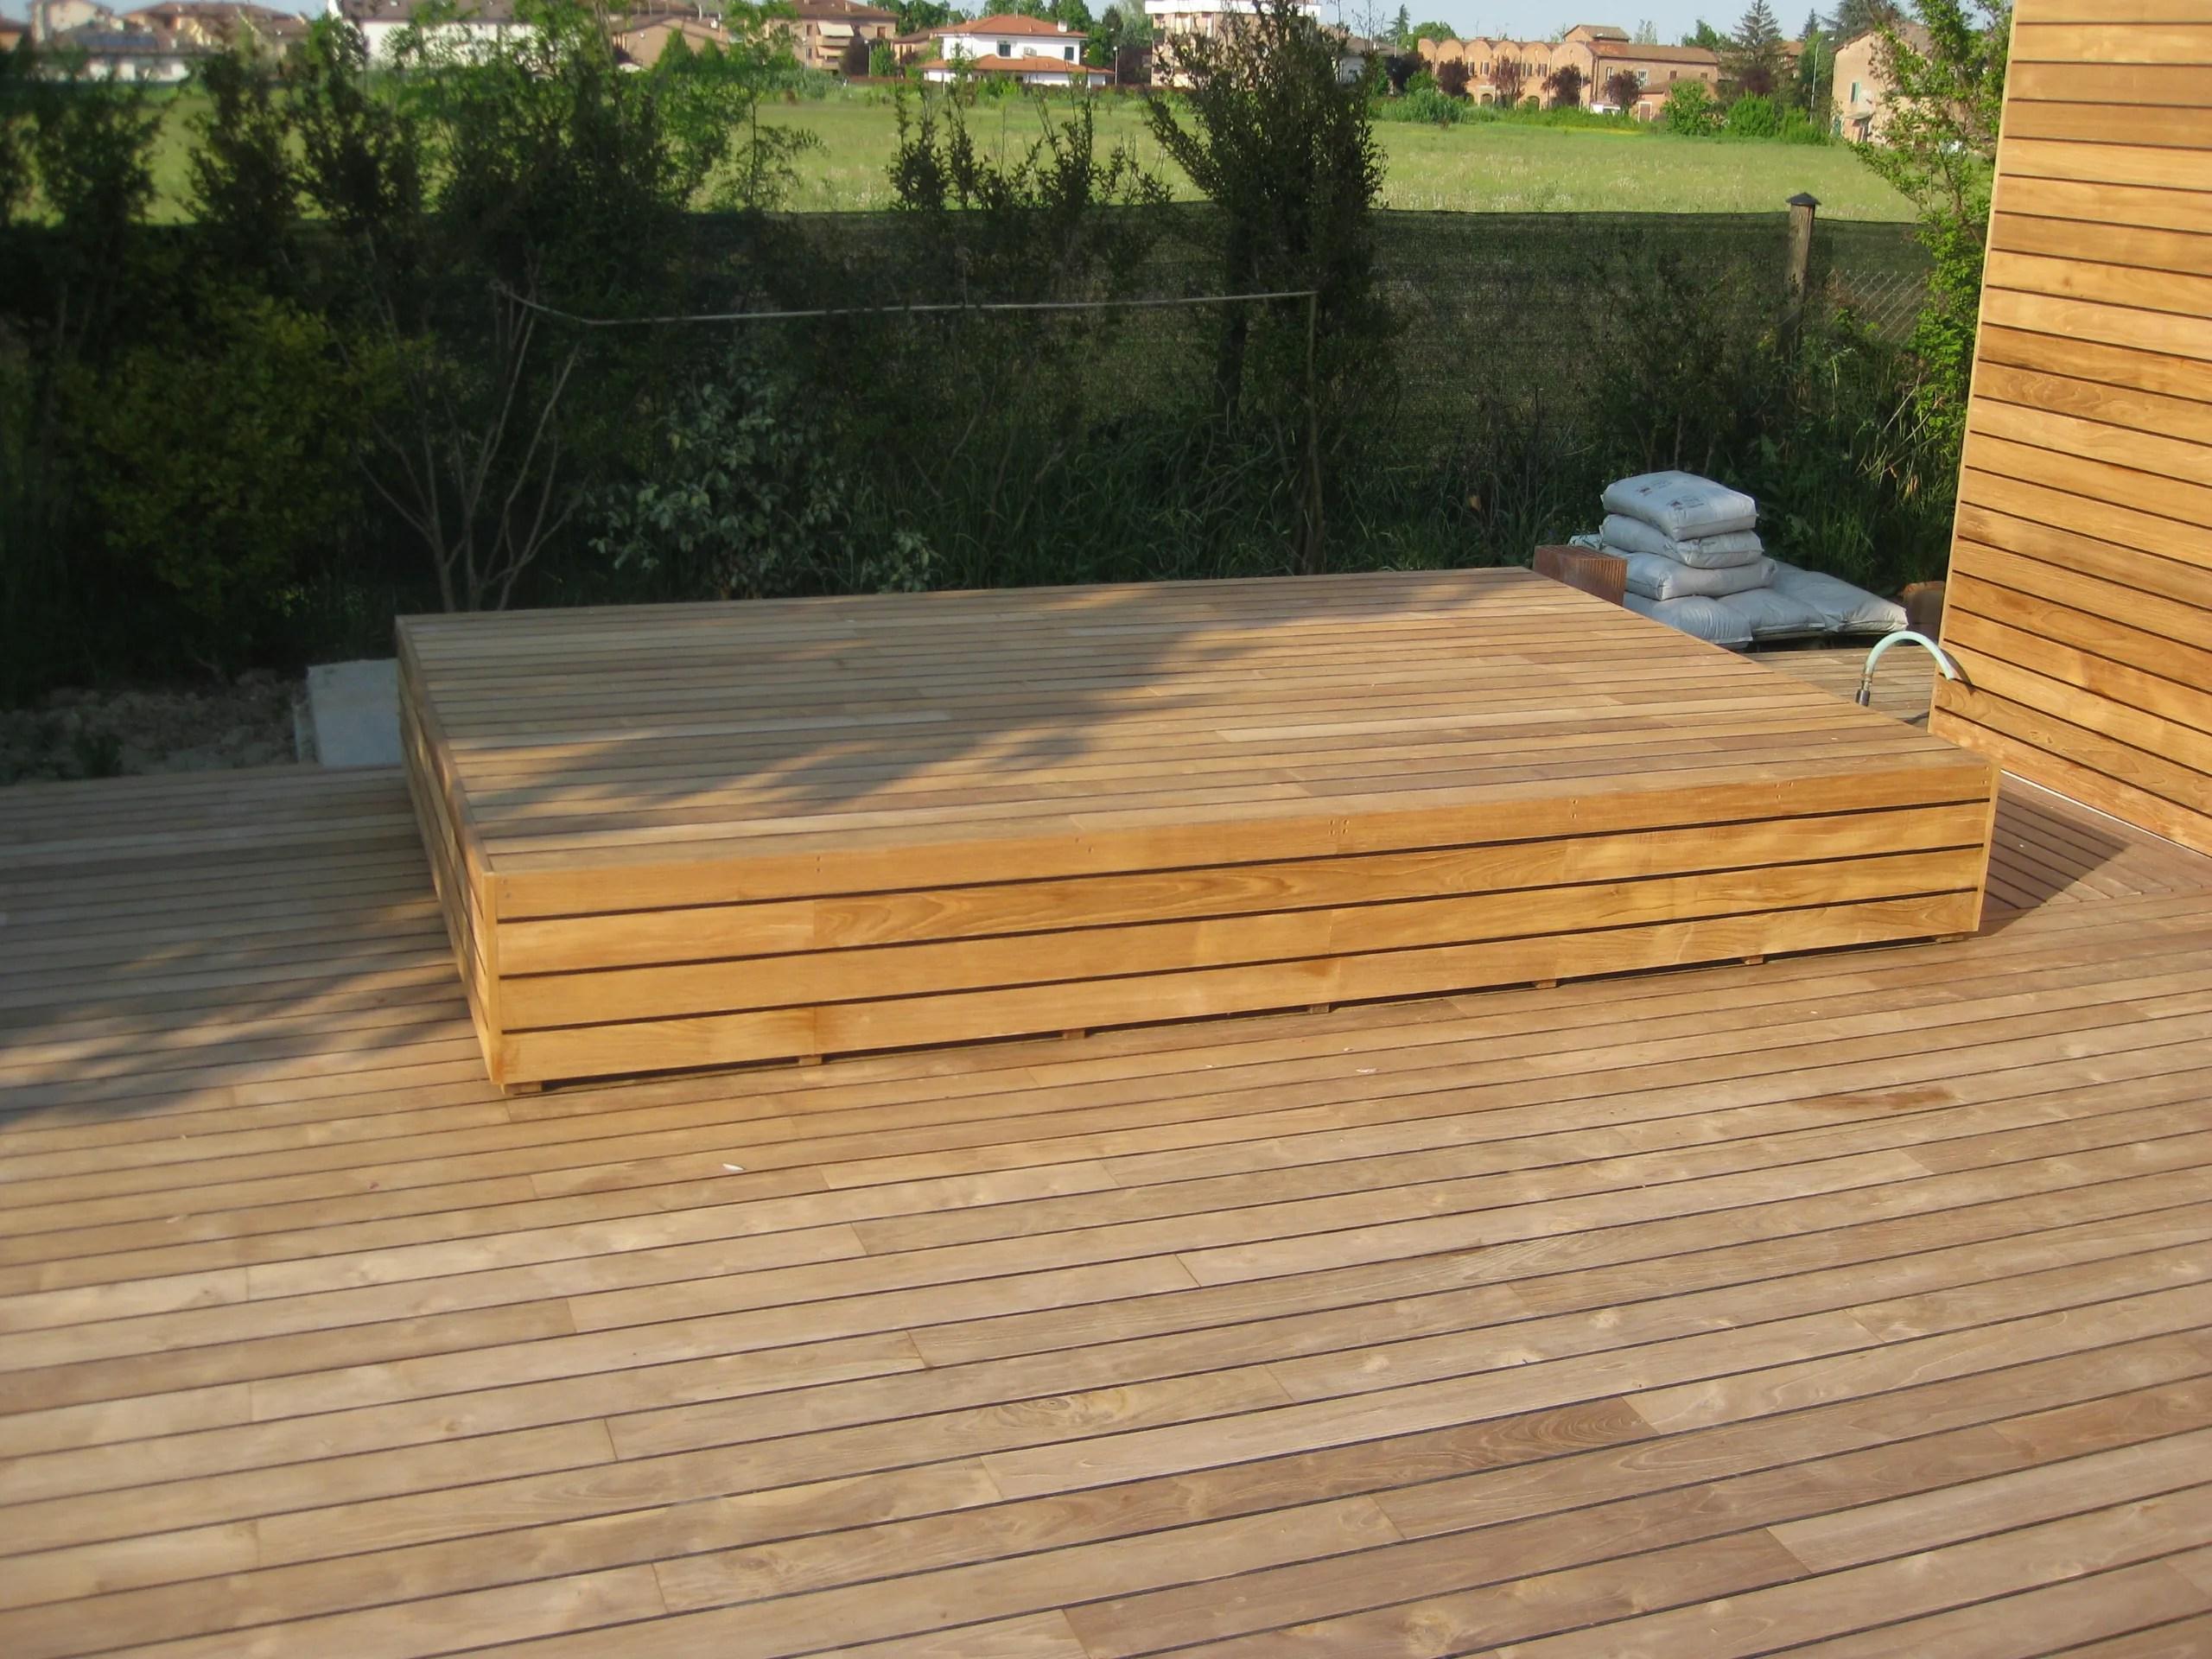 Piastrelle legno giardino listoni in legno per pavimenti e